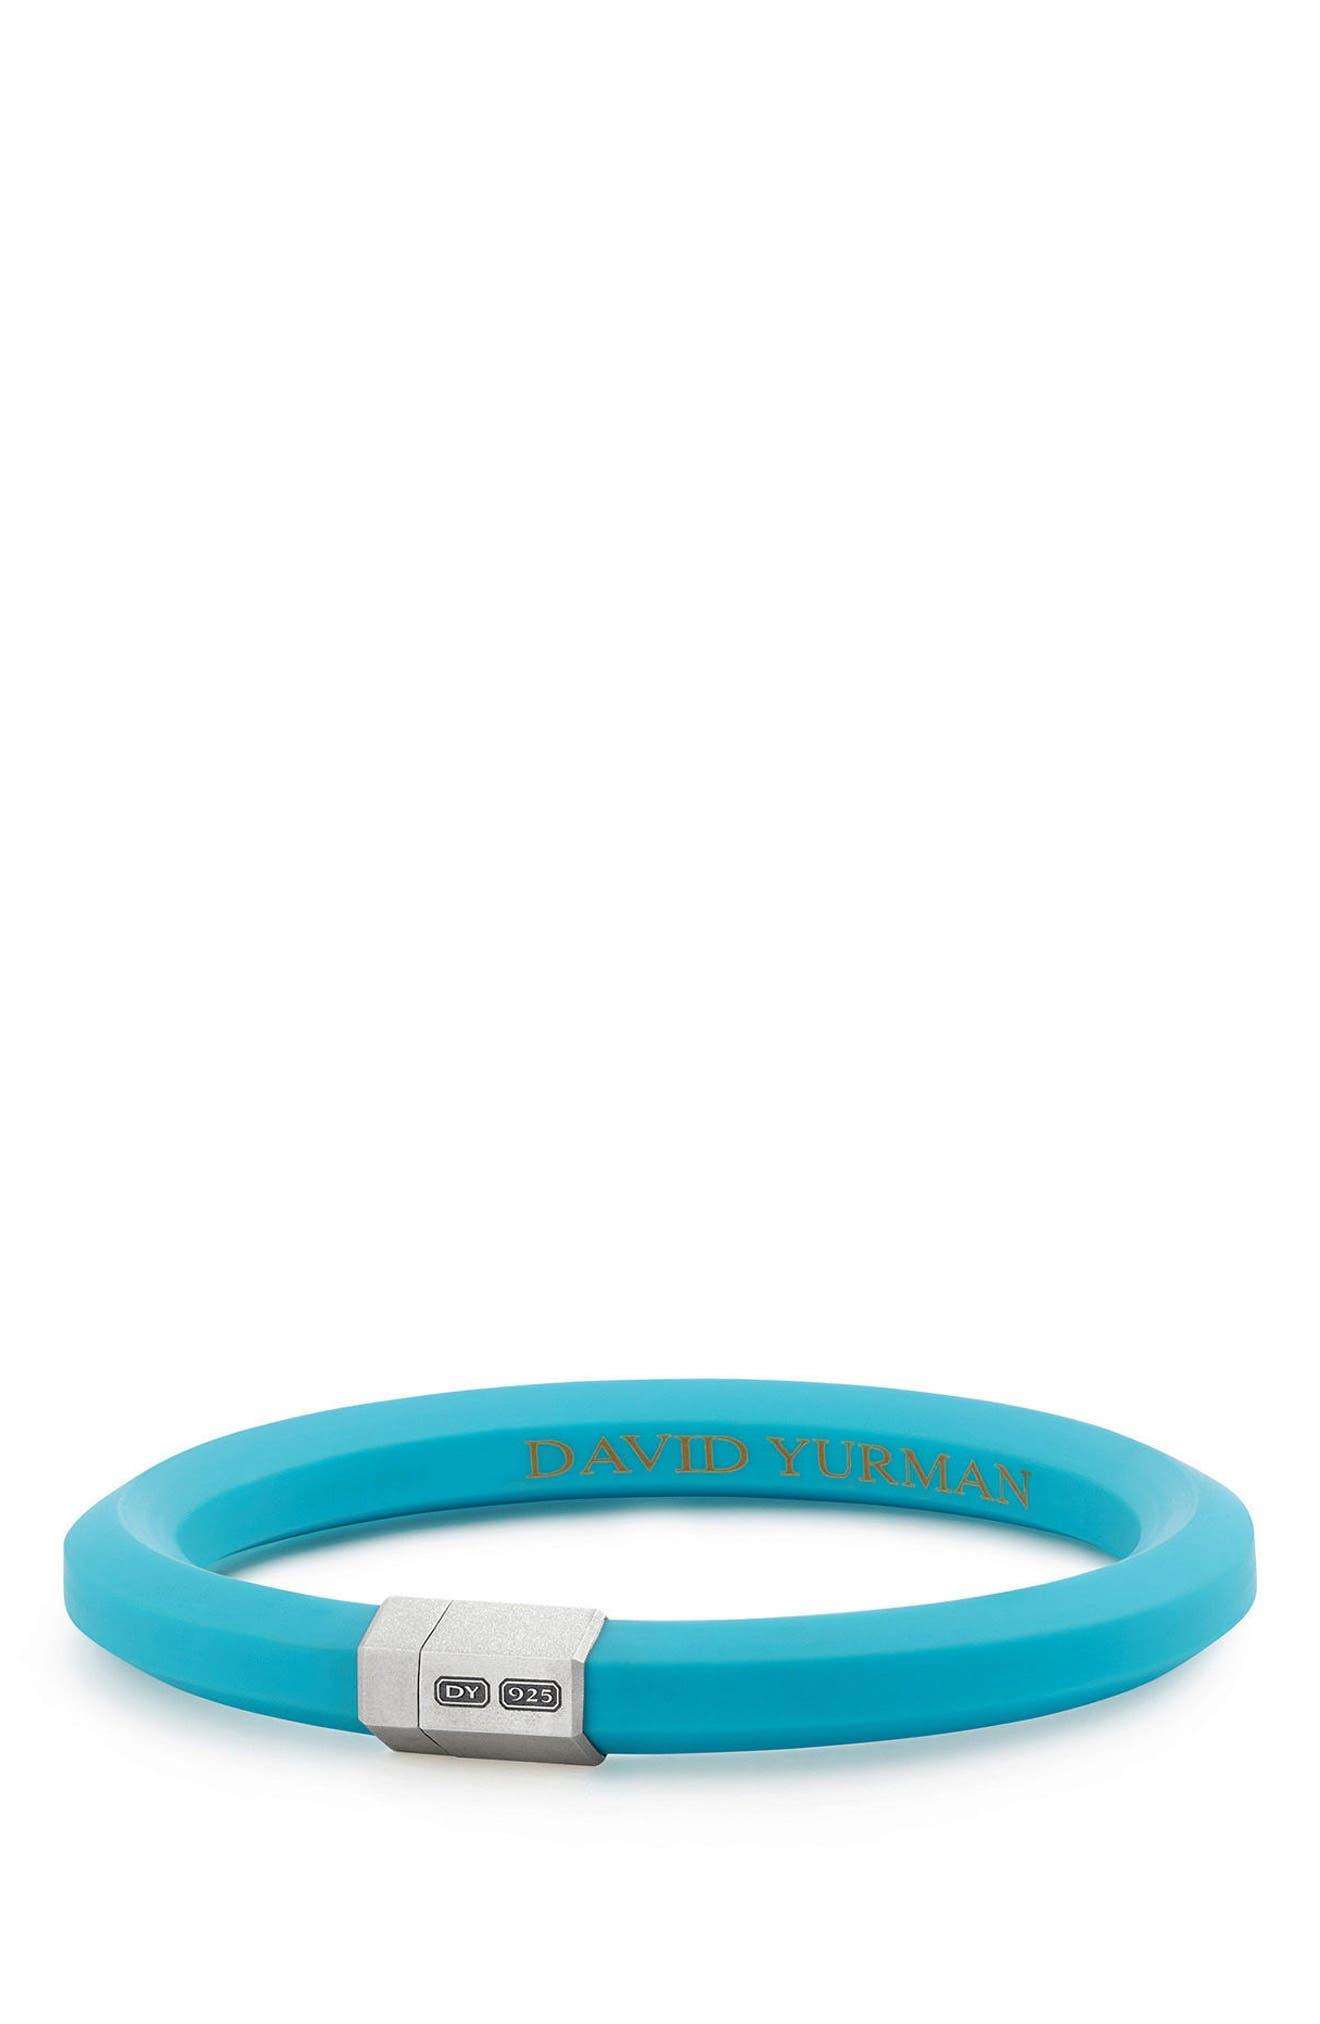 10.5mm Hex Bracelet,                         Main,                         color, Teal